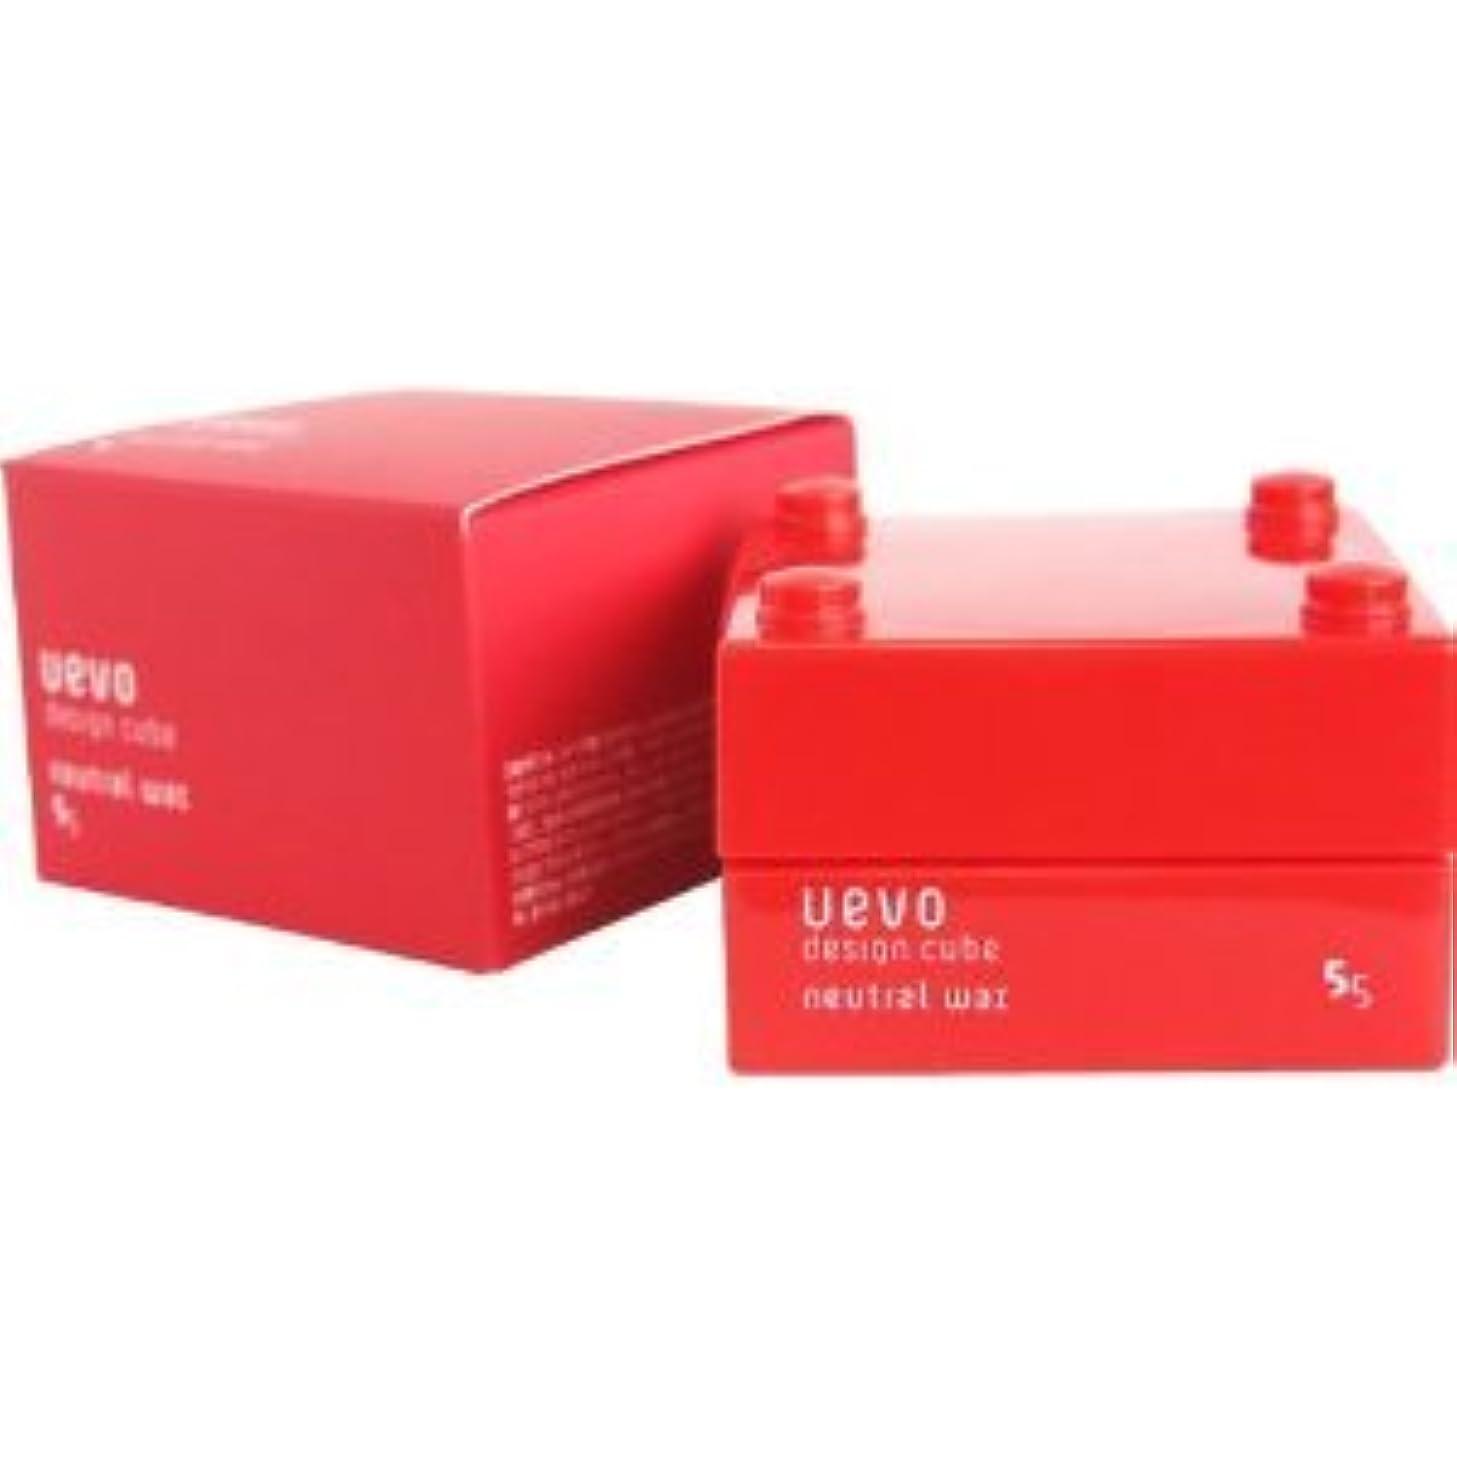 わずらわしいジェスチャービーズ【X3個セット】 デミ ウェーボ デザインキューブ ニュートラルワックス 30g neutral wax DEMI uevo design cube